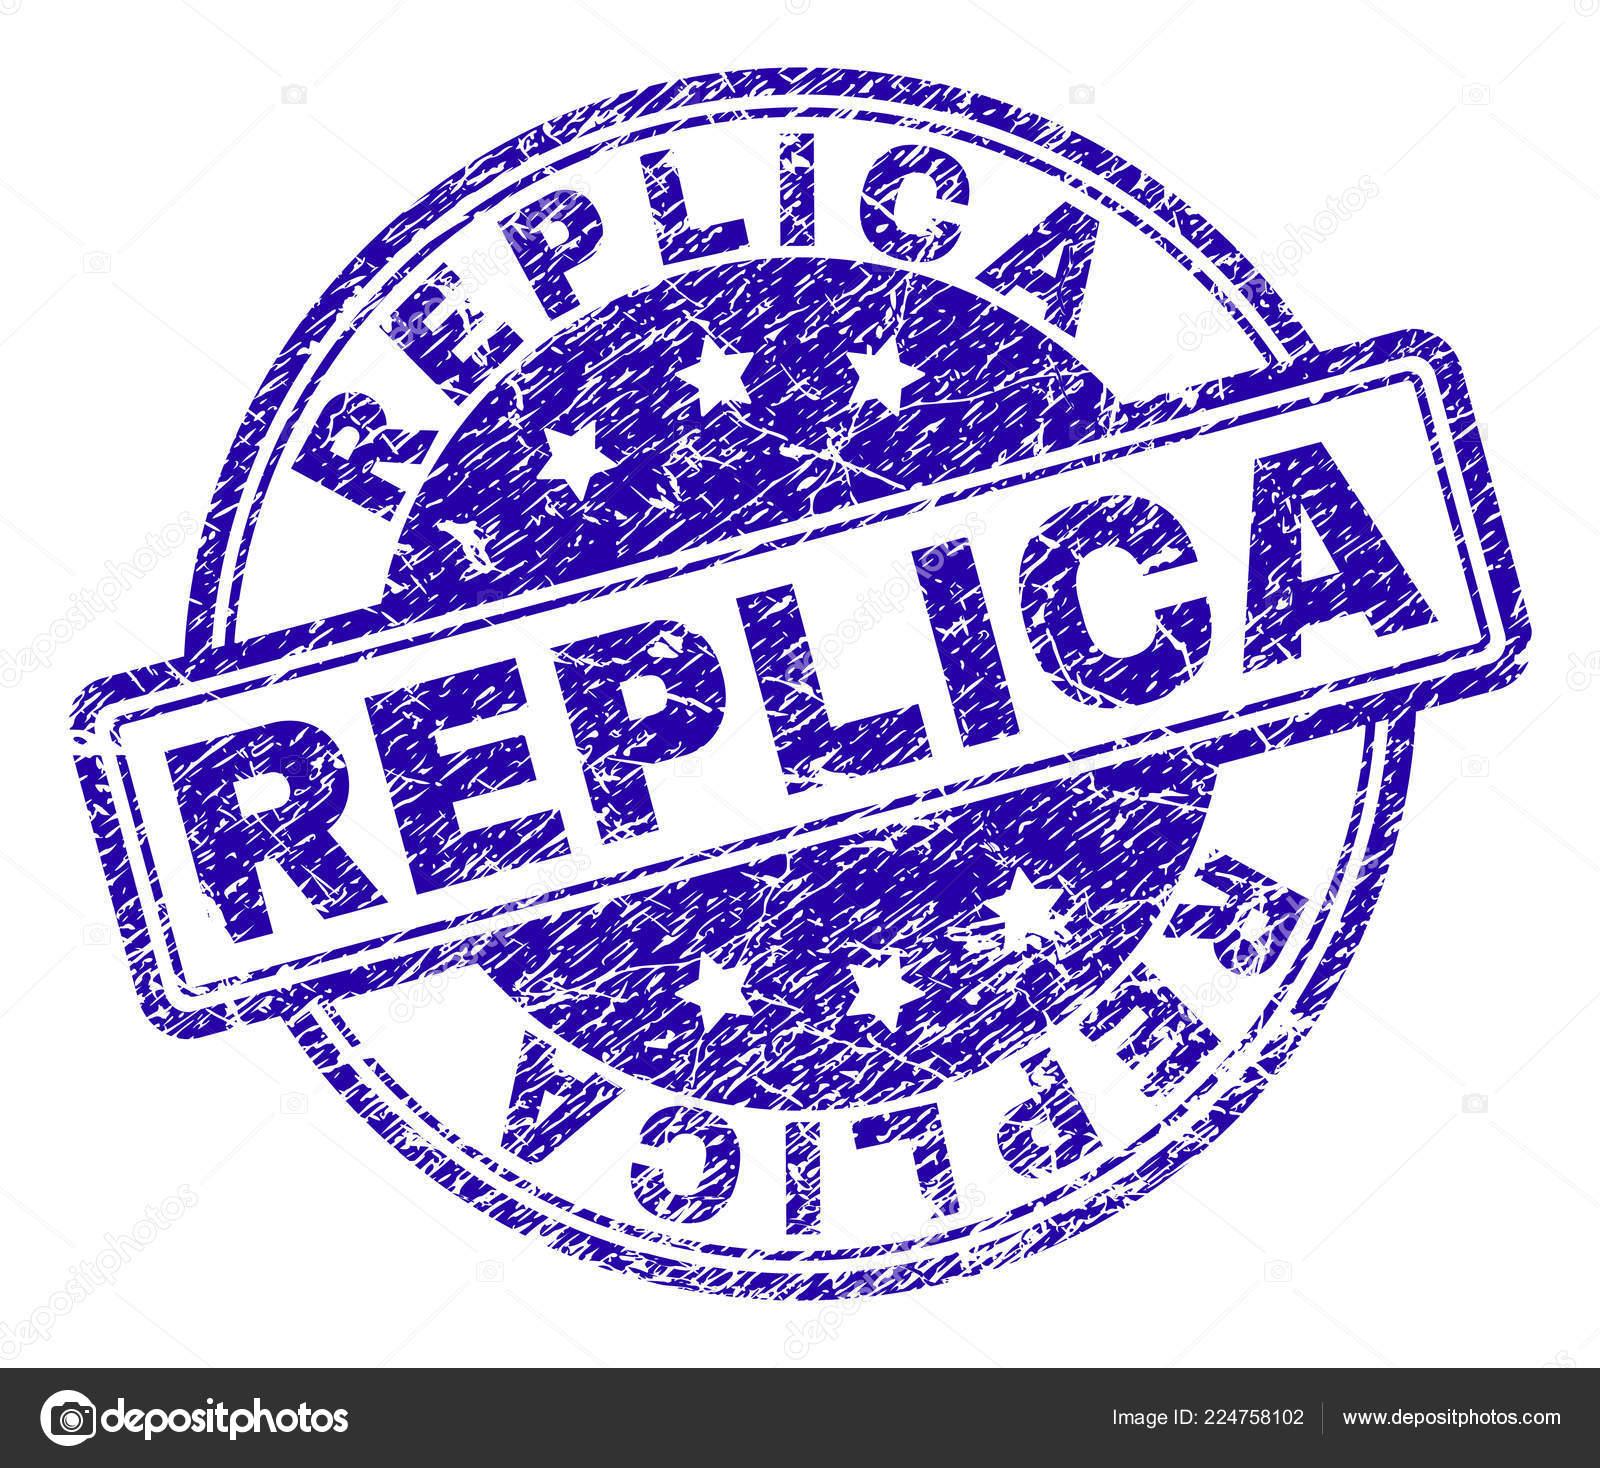 b1b44c1ec1314 Réplica sello sello de marca de agua con textura grunge. Diseñado con  círculos y rectángulos redondeados. Goma azul vector de impresión de la  leyenda de ...